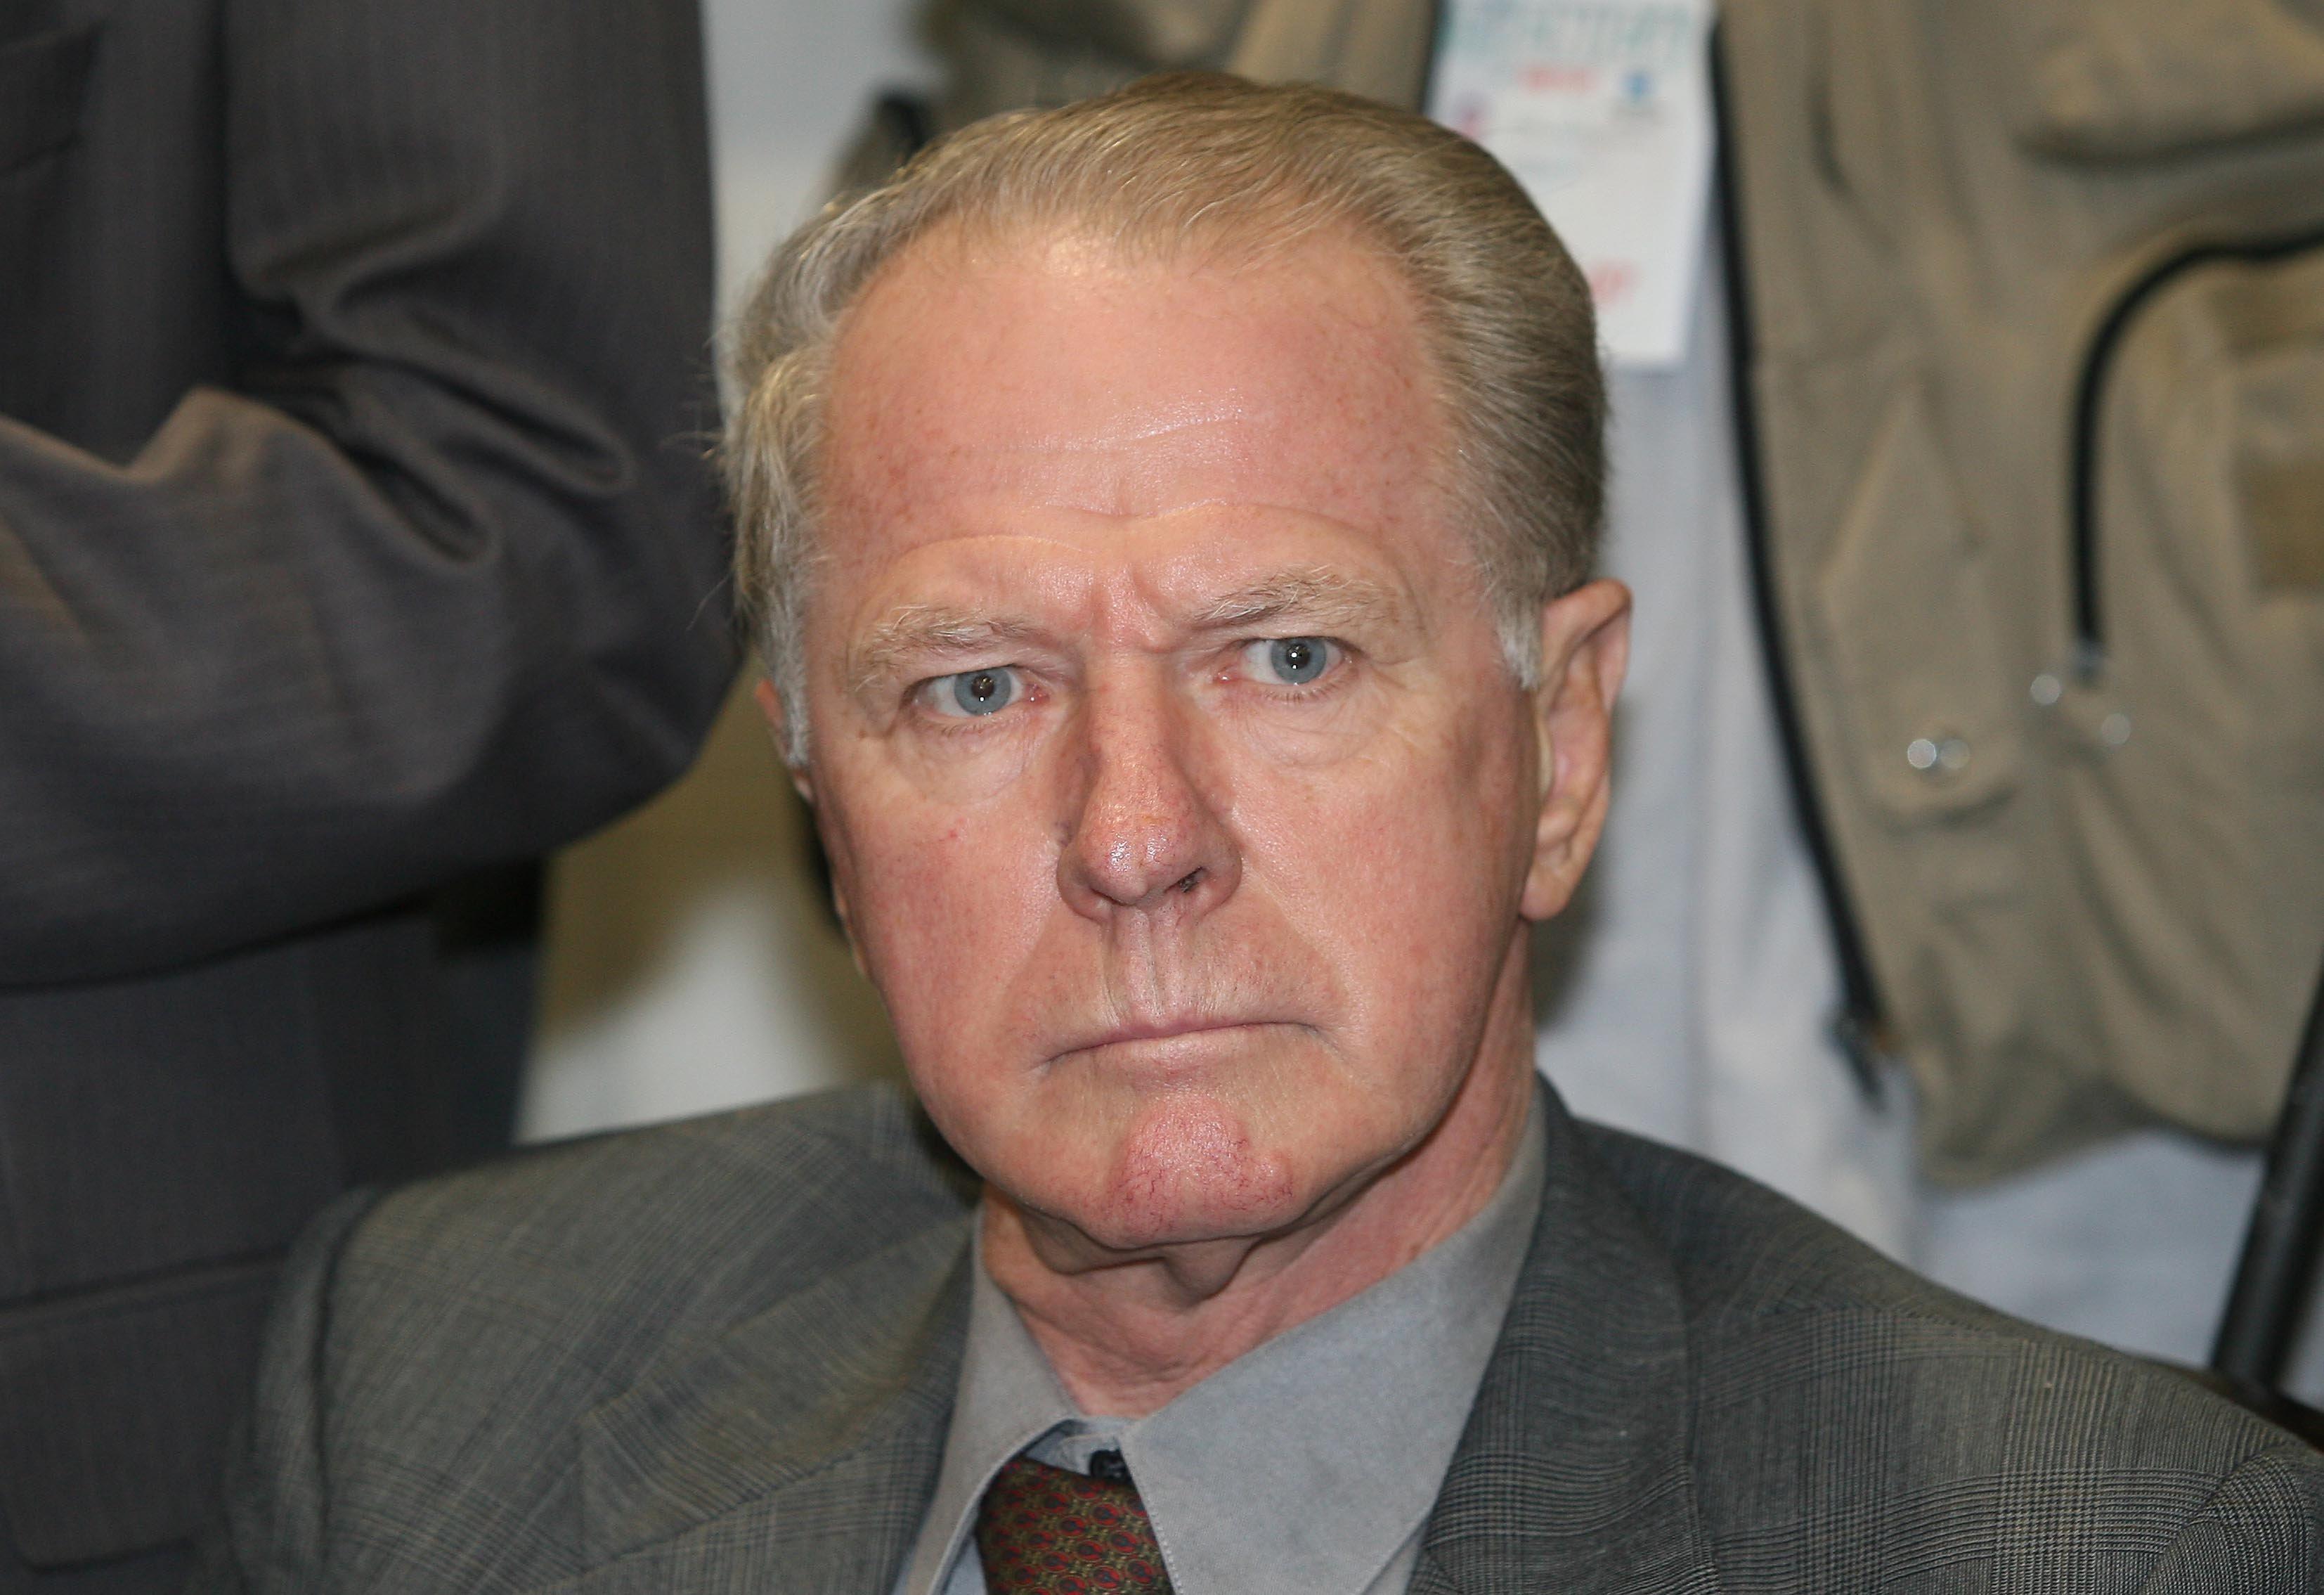 Gerson Camata, ex-governador do Espírito Santo, é assassinado em Vitória